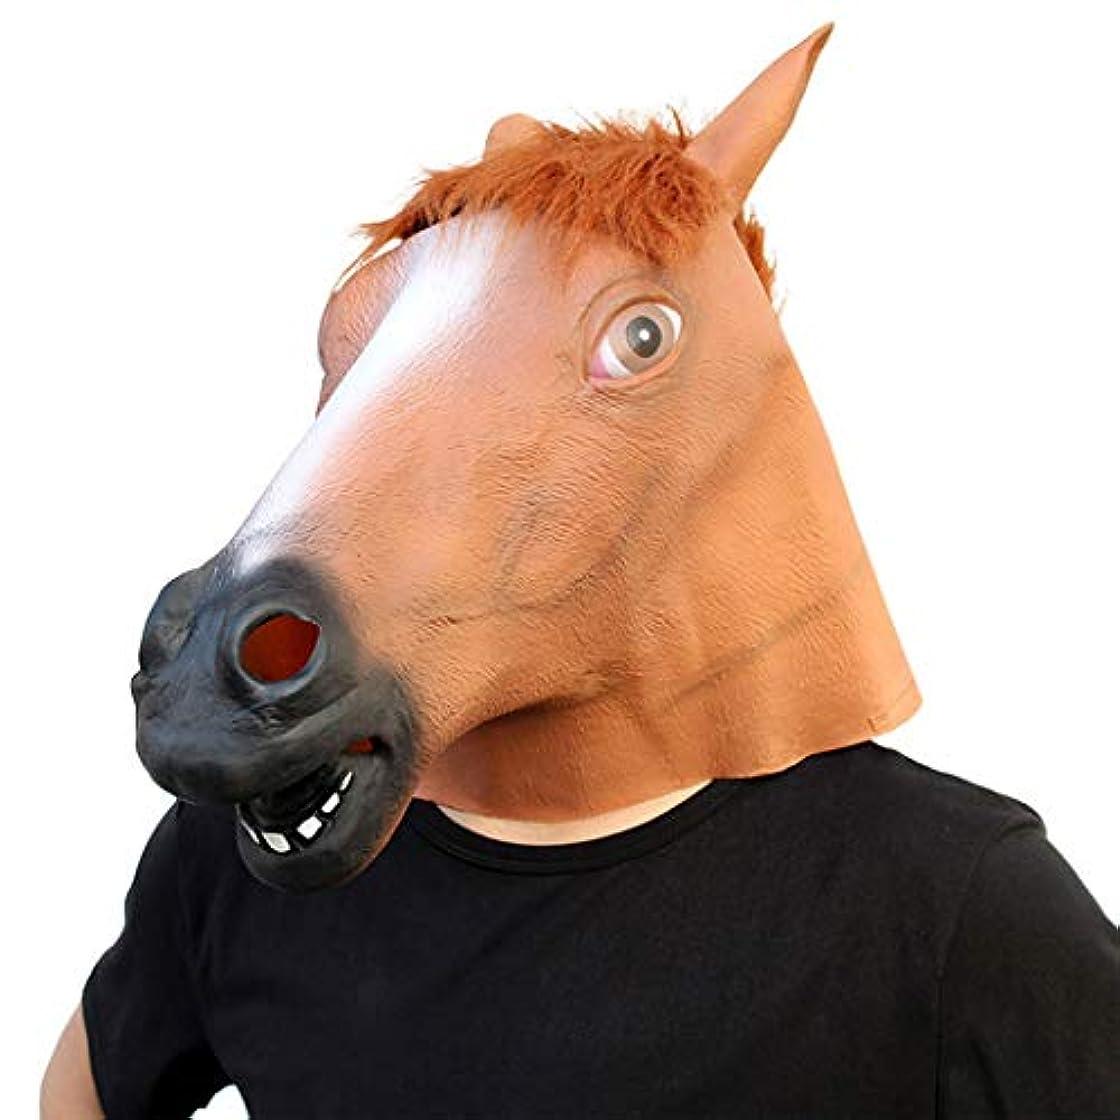 もし編集する非常に怒っていますハロウィーンのスタイリングの小道具ボールパーティーの馬の頭のマスクラテックスゲーム面白いパーティー用品